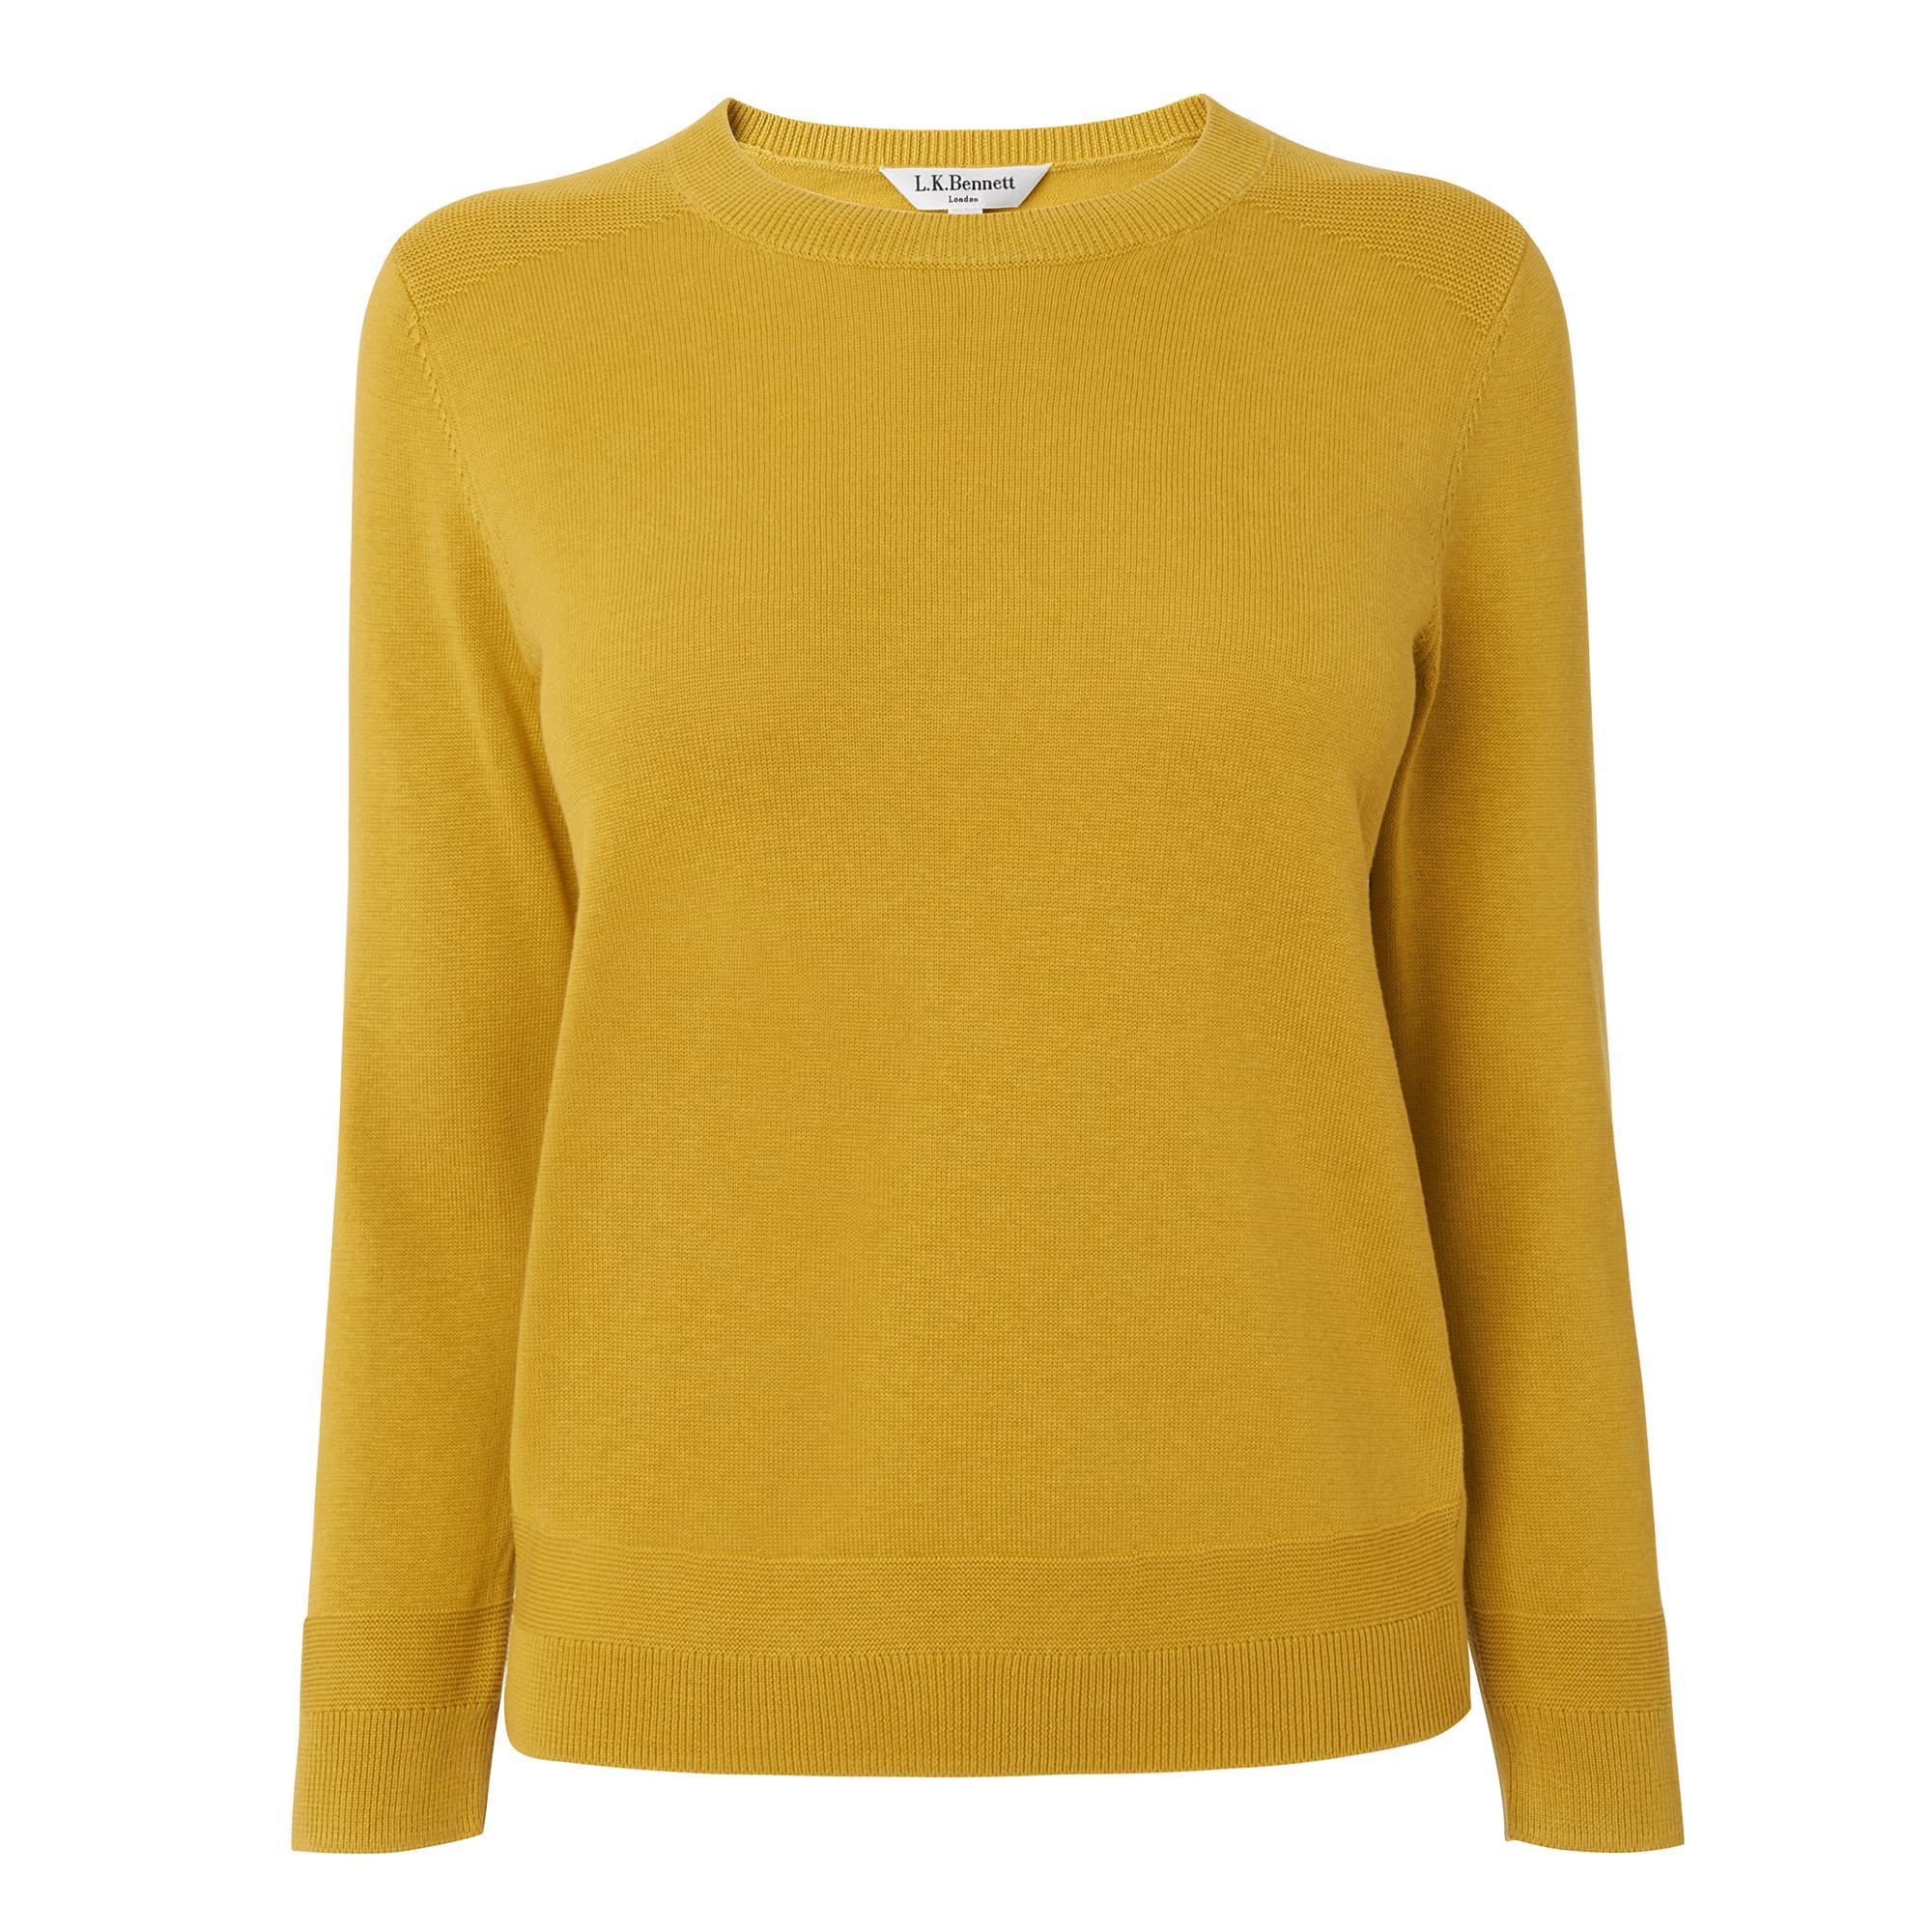 L.K.Bennett Maisy Sweater